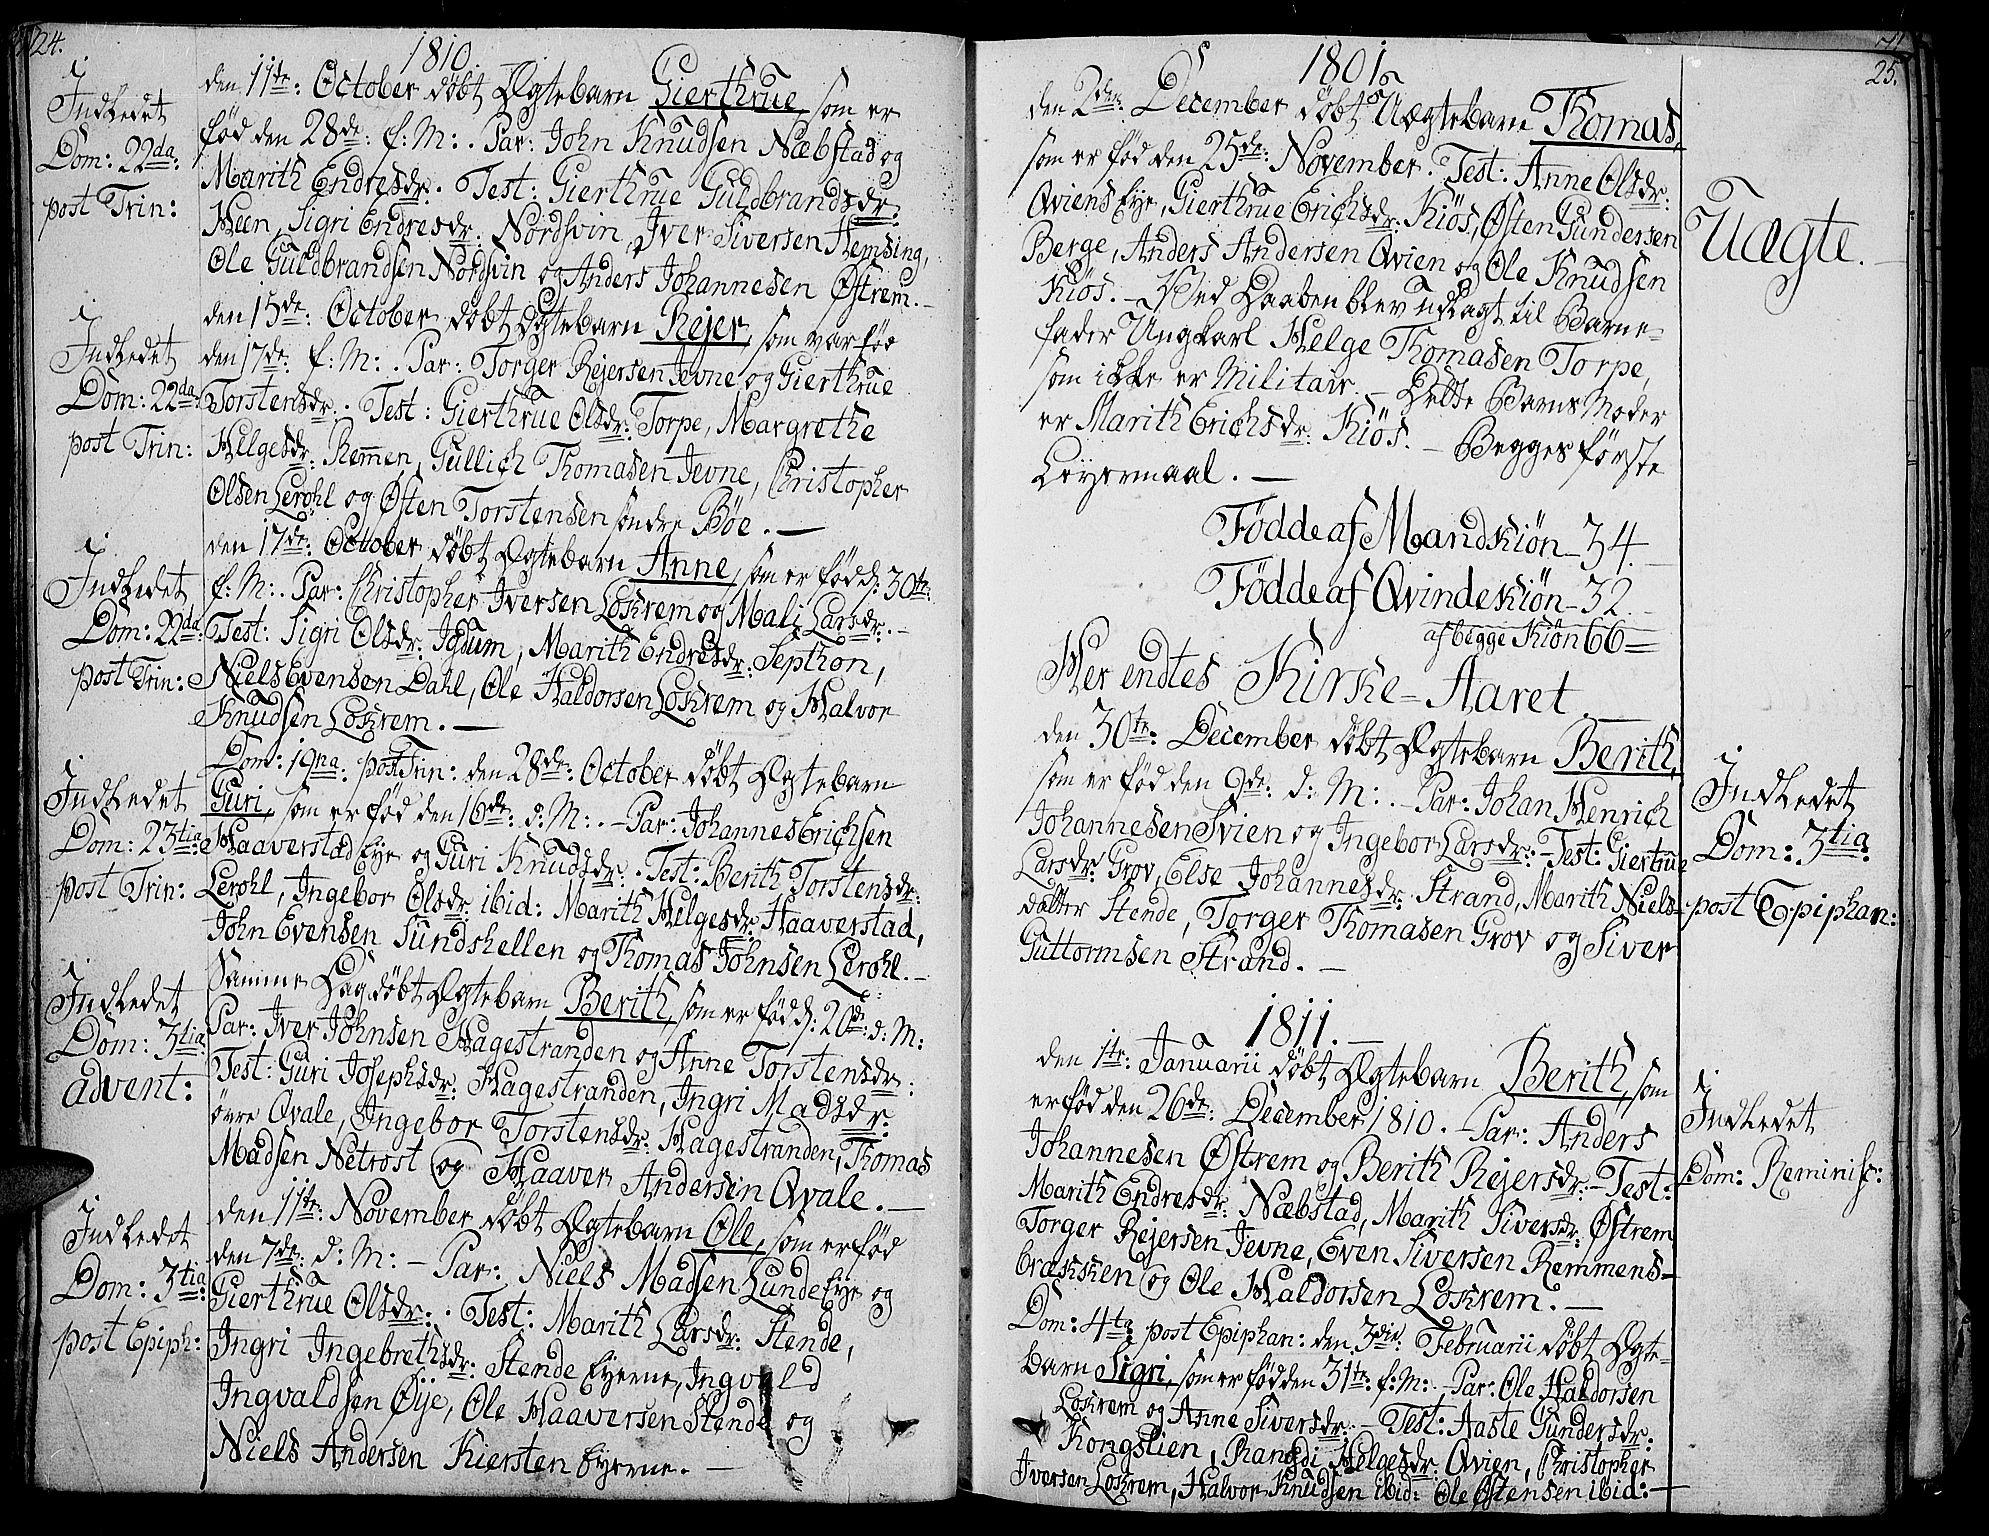 SAH, Vang prestekontor, Valdres, Ministerialbok nr. 3, 1809-1831, s. 24-25